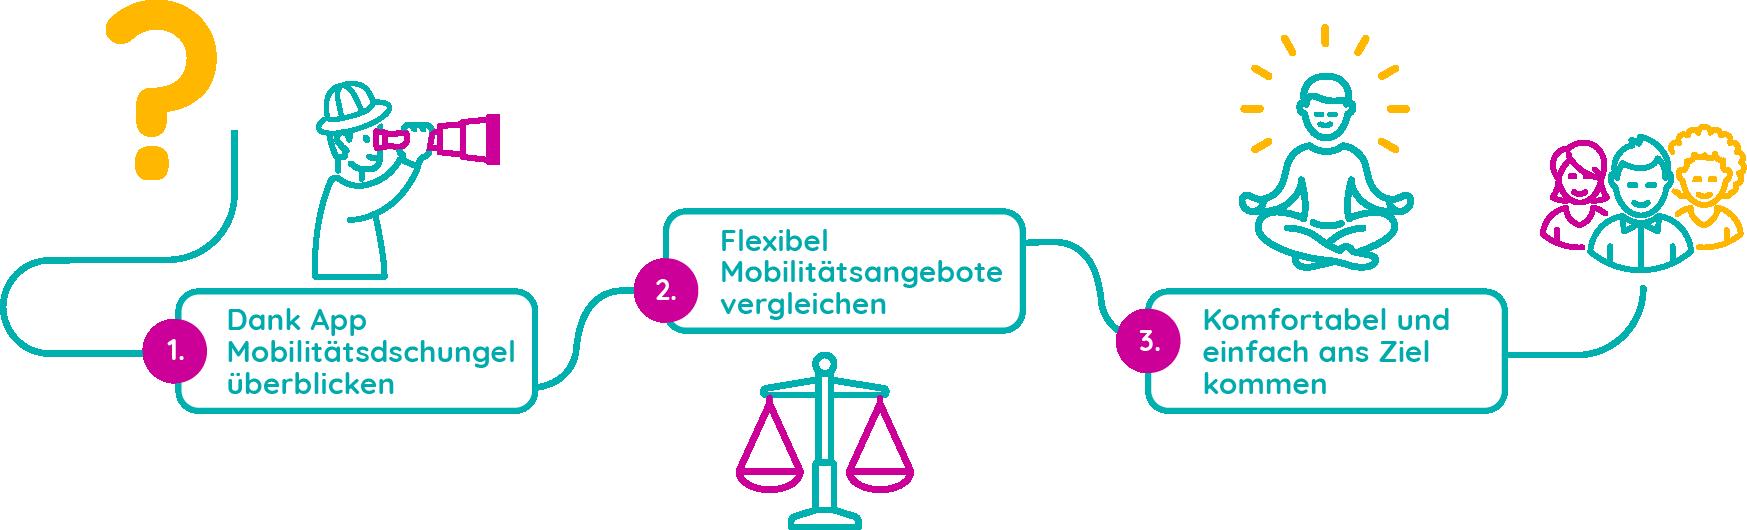 Better Mobility - Mobilitätstreiber - Der Bürger